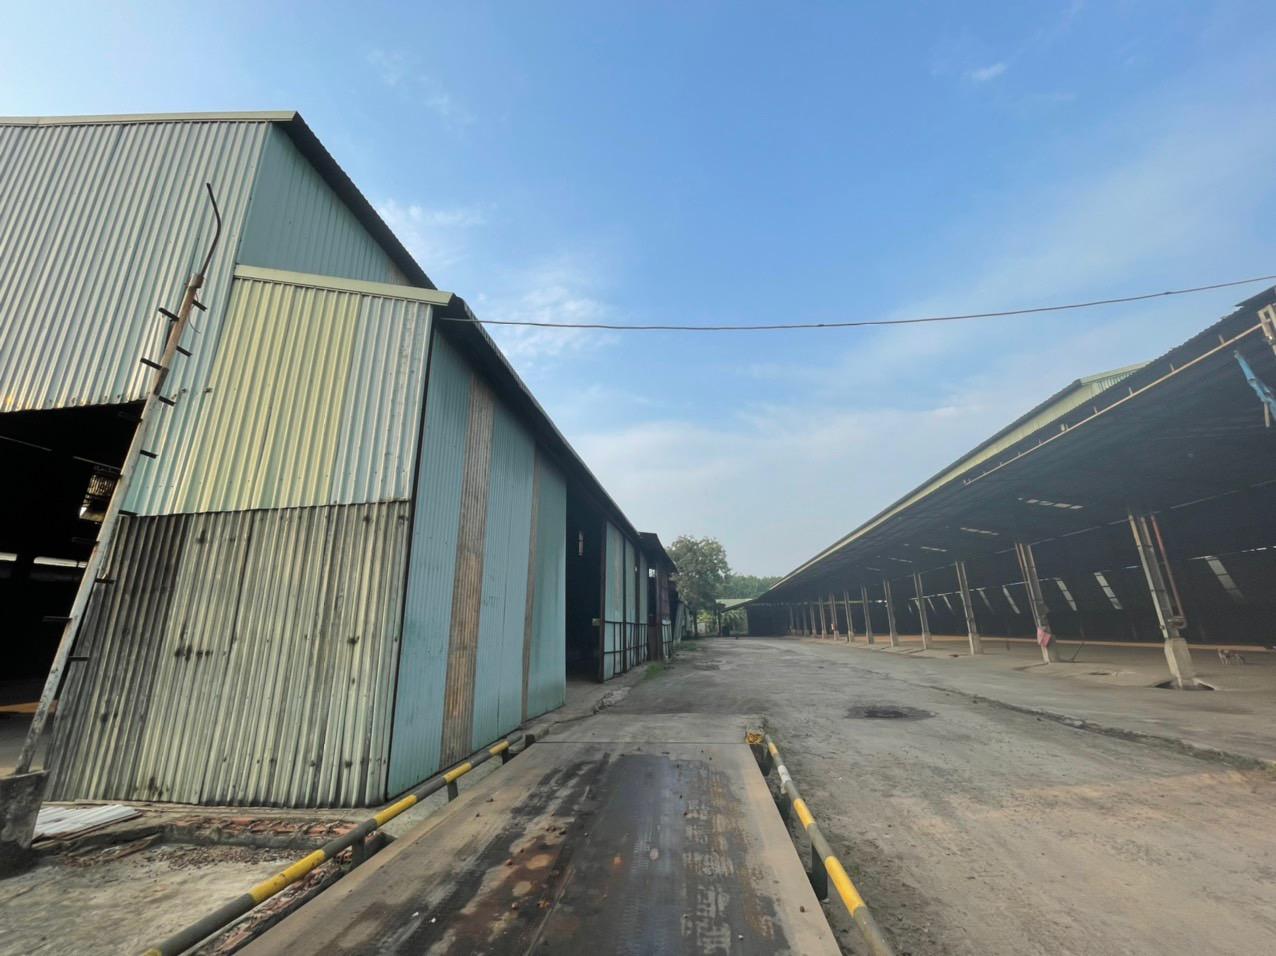 Cần bán Kho - Nhà xưởng Xã Minh Hưng, Chơn Thành, Diện tích 12500m², Giá 2,4 Triệu/m² - LH: 0936786008